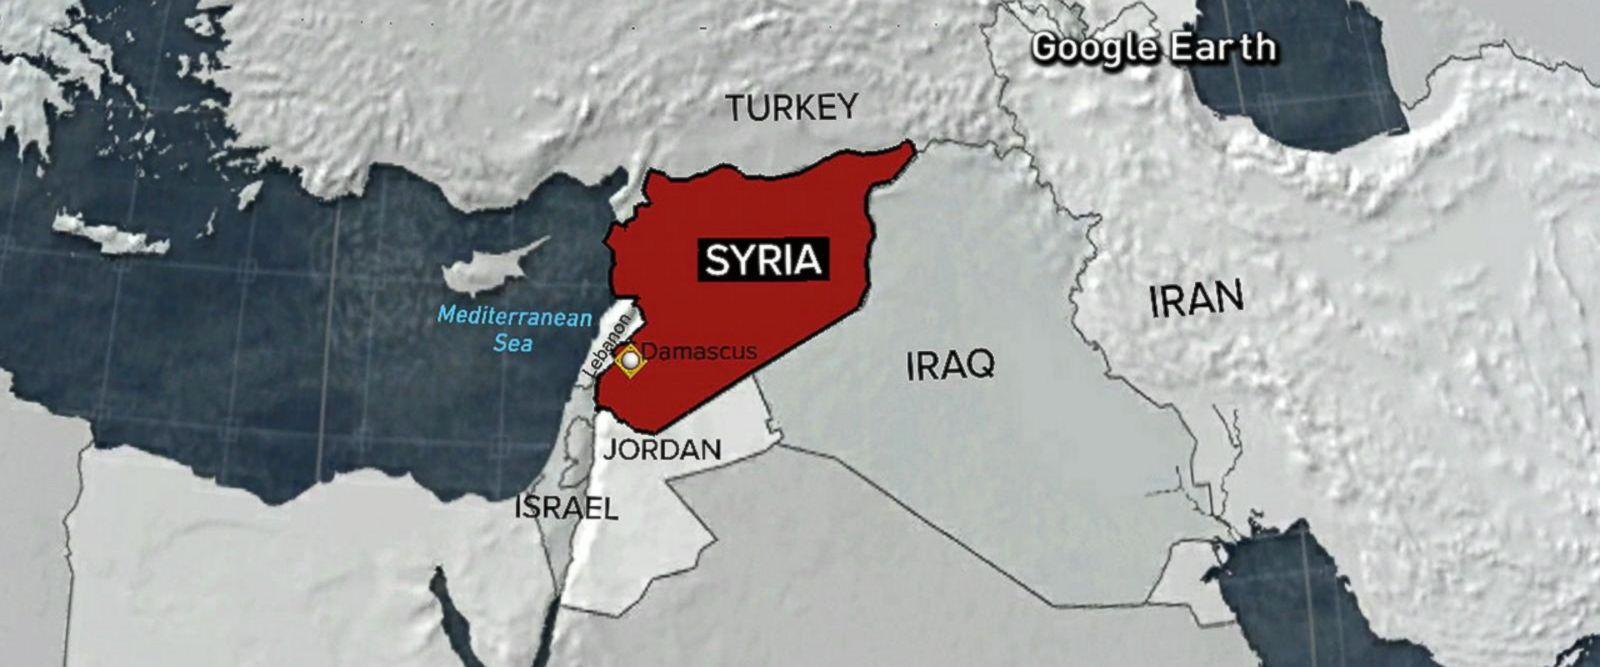 Investida de Trump na Síria pode sair caro